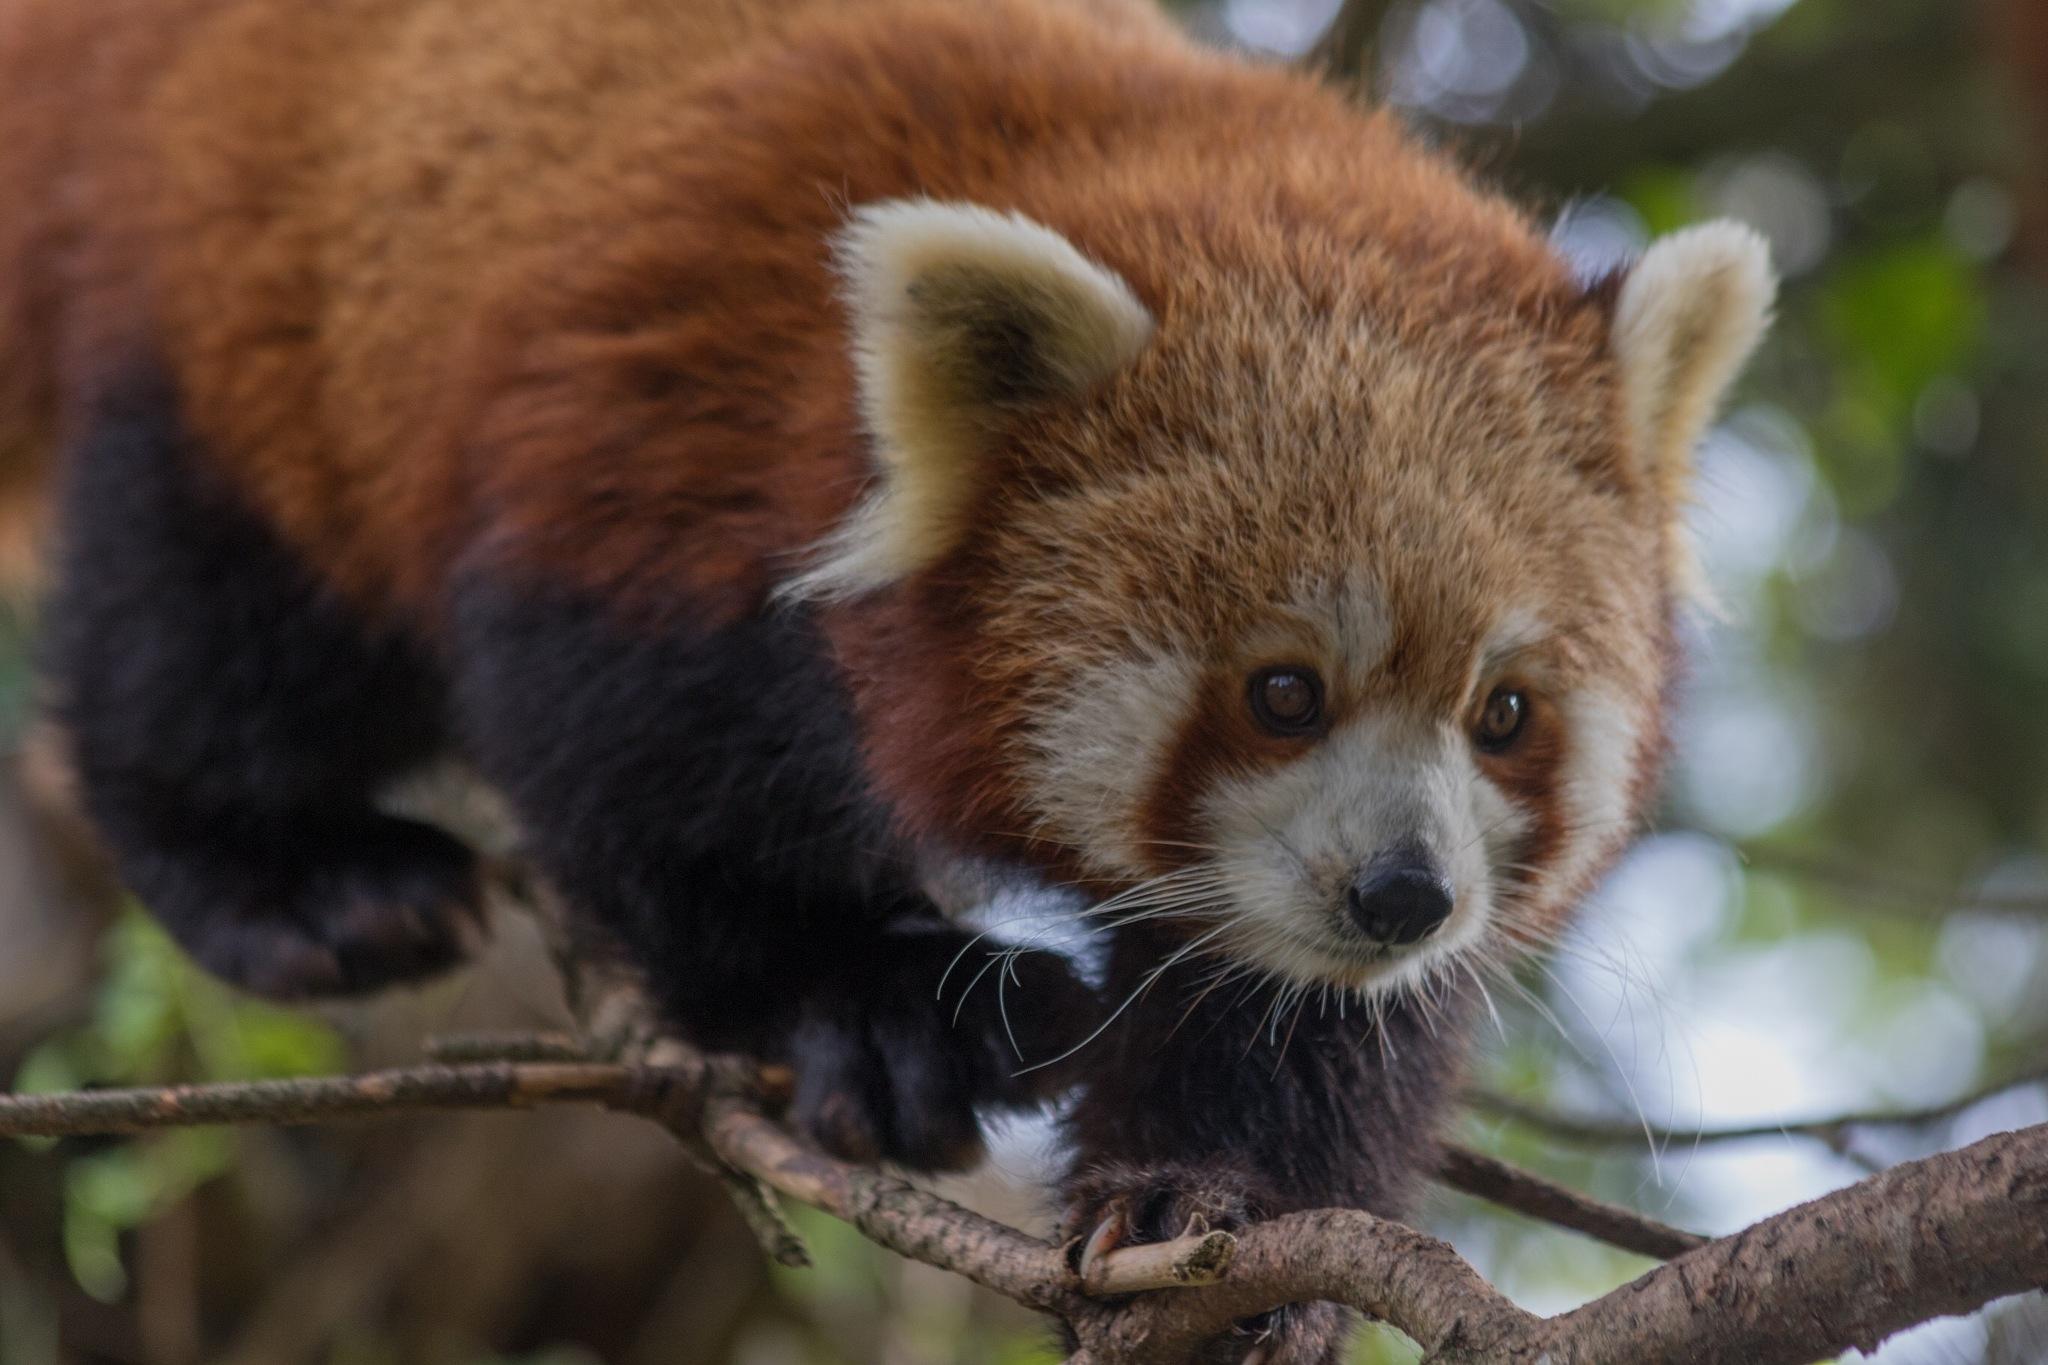 Red panda on the hunt by Bjarne Gertz Pedersen